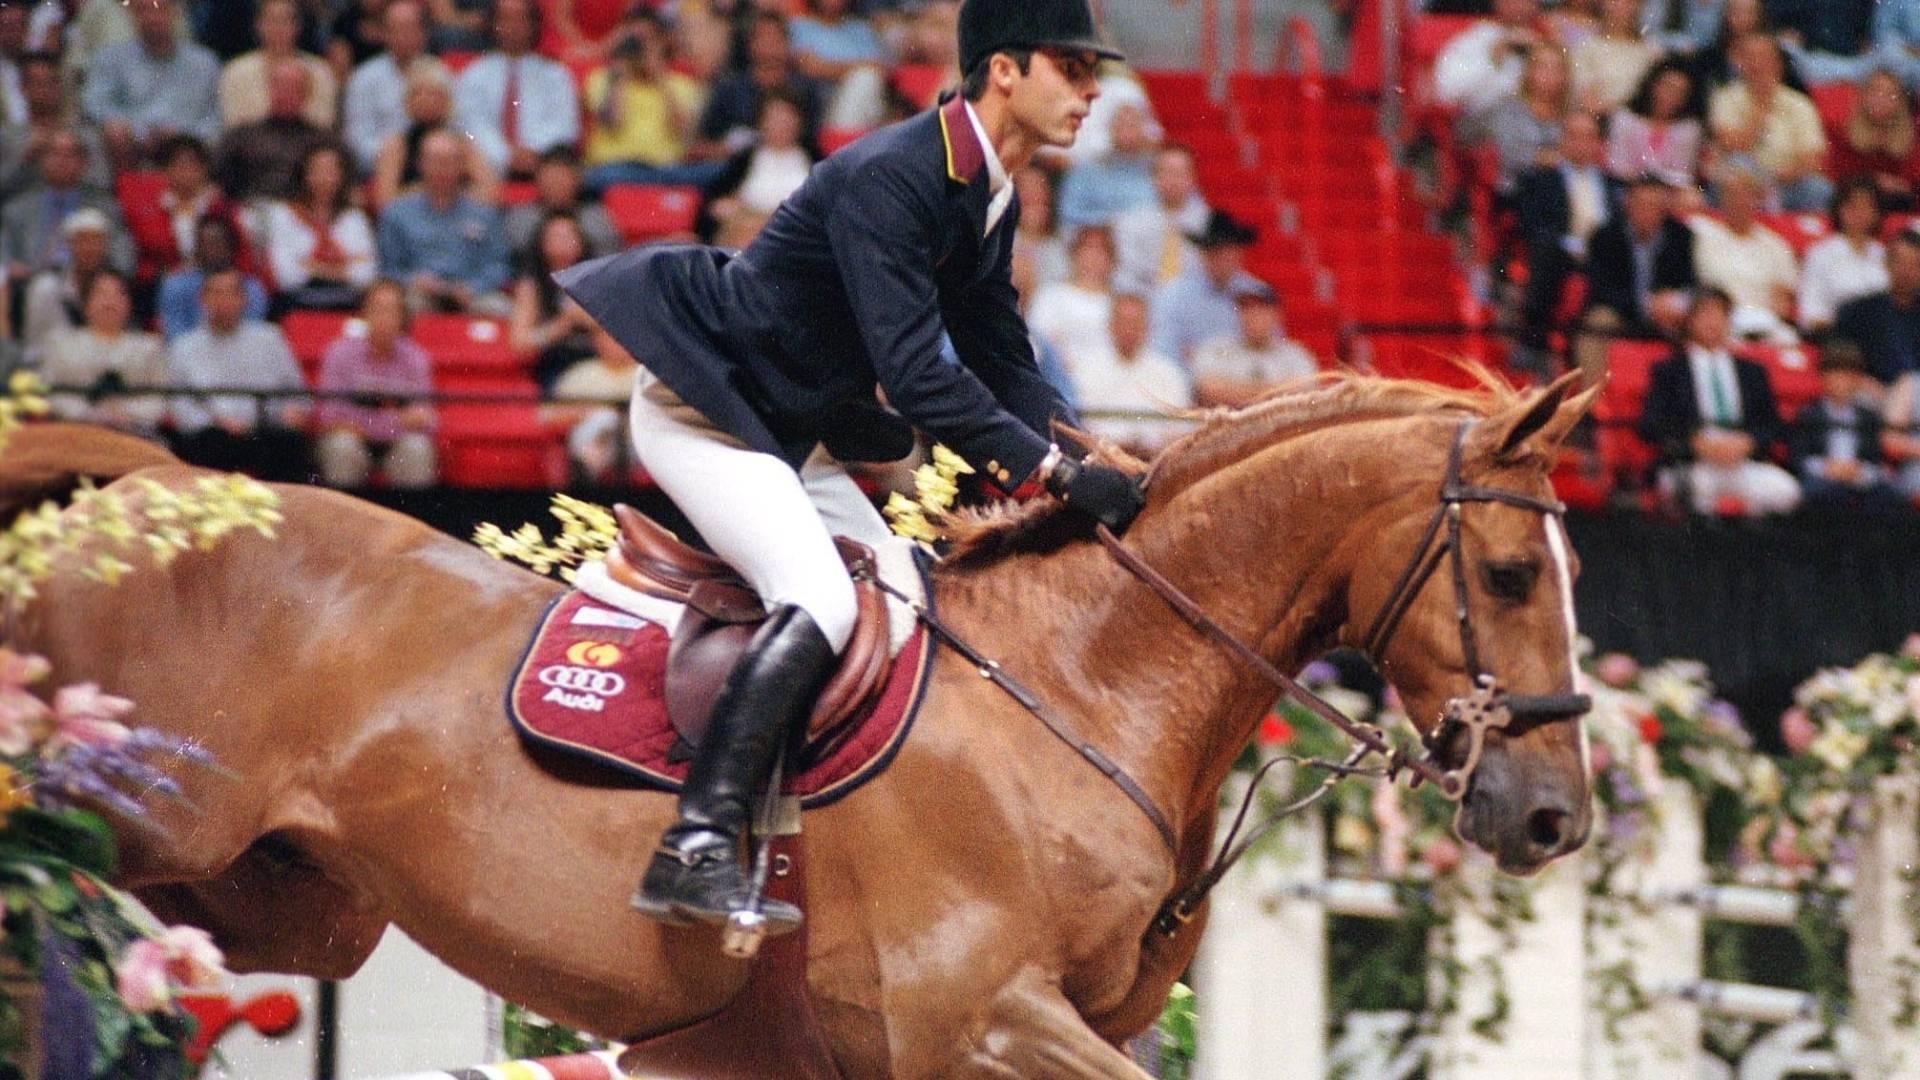 Conjunto de Rodrigo Pessoa e o cavalo Baloubet du Rouet conquista a Copa do Mundo de hipismo (23/04/2000)